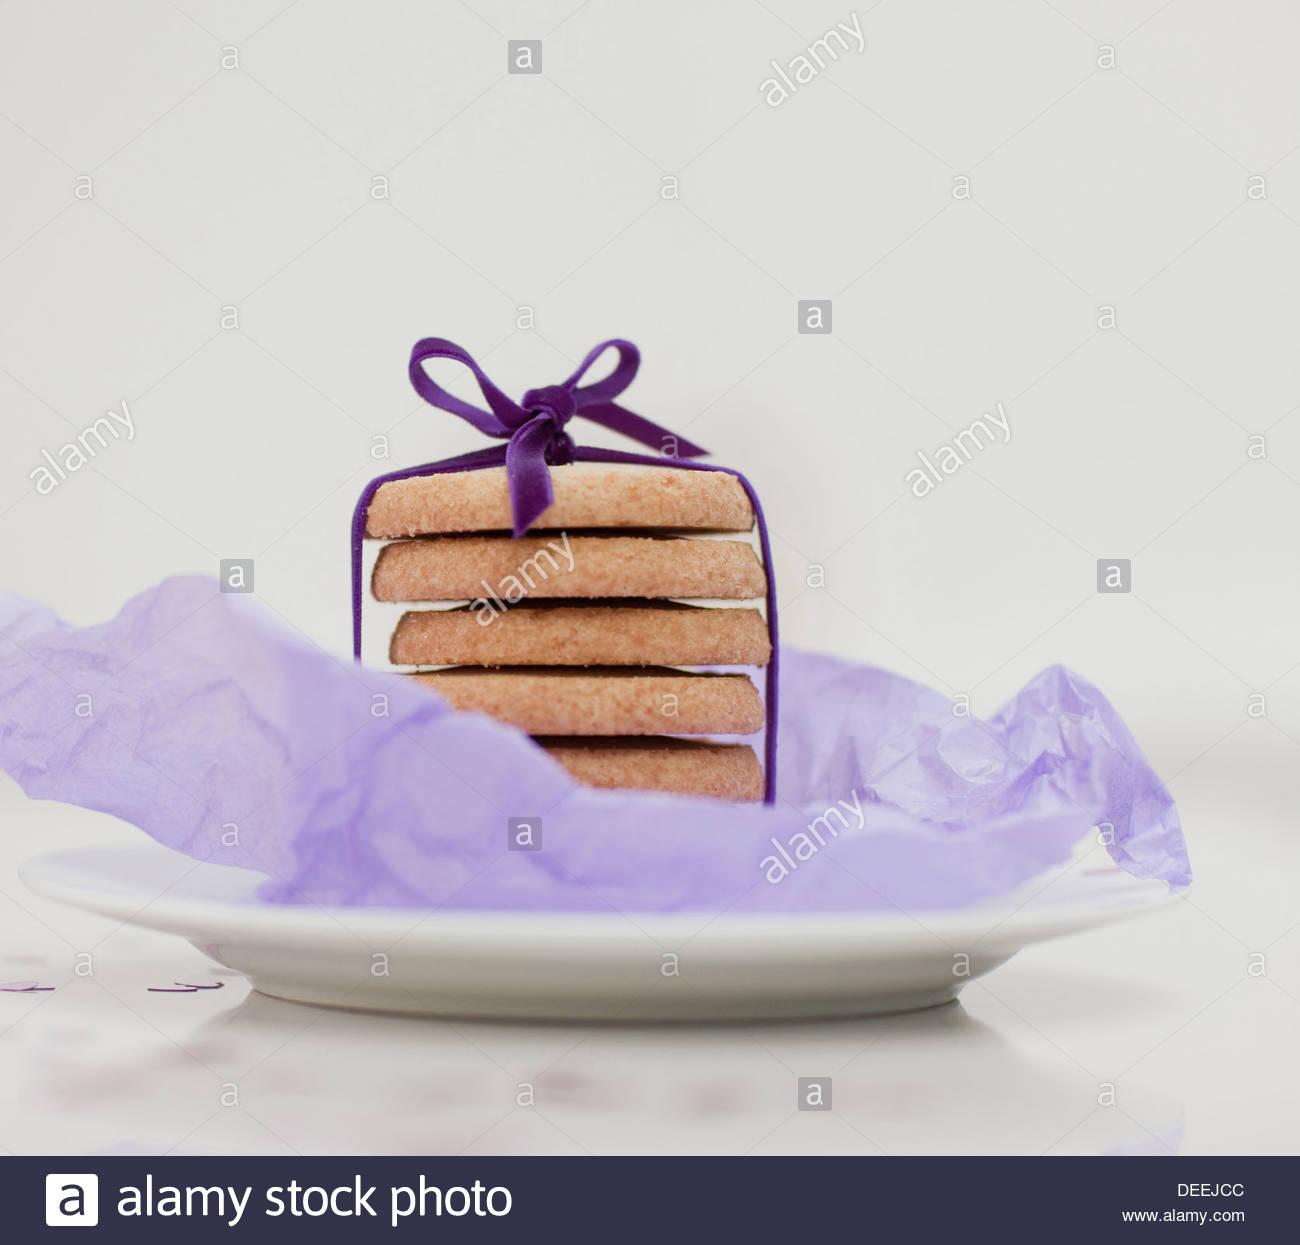 Cierre de cinta alrededor de la pila de cookies Imagen De Stock